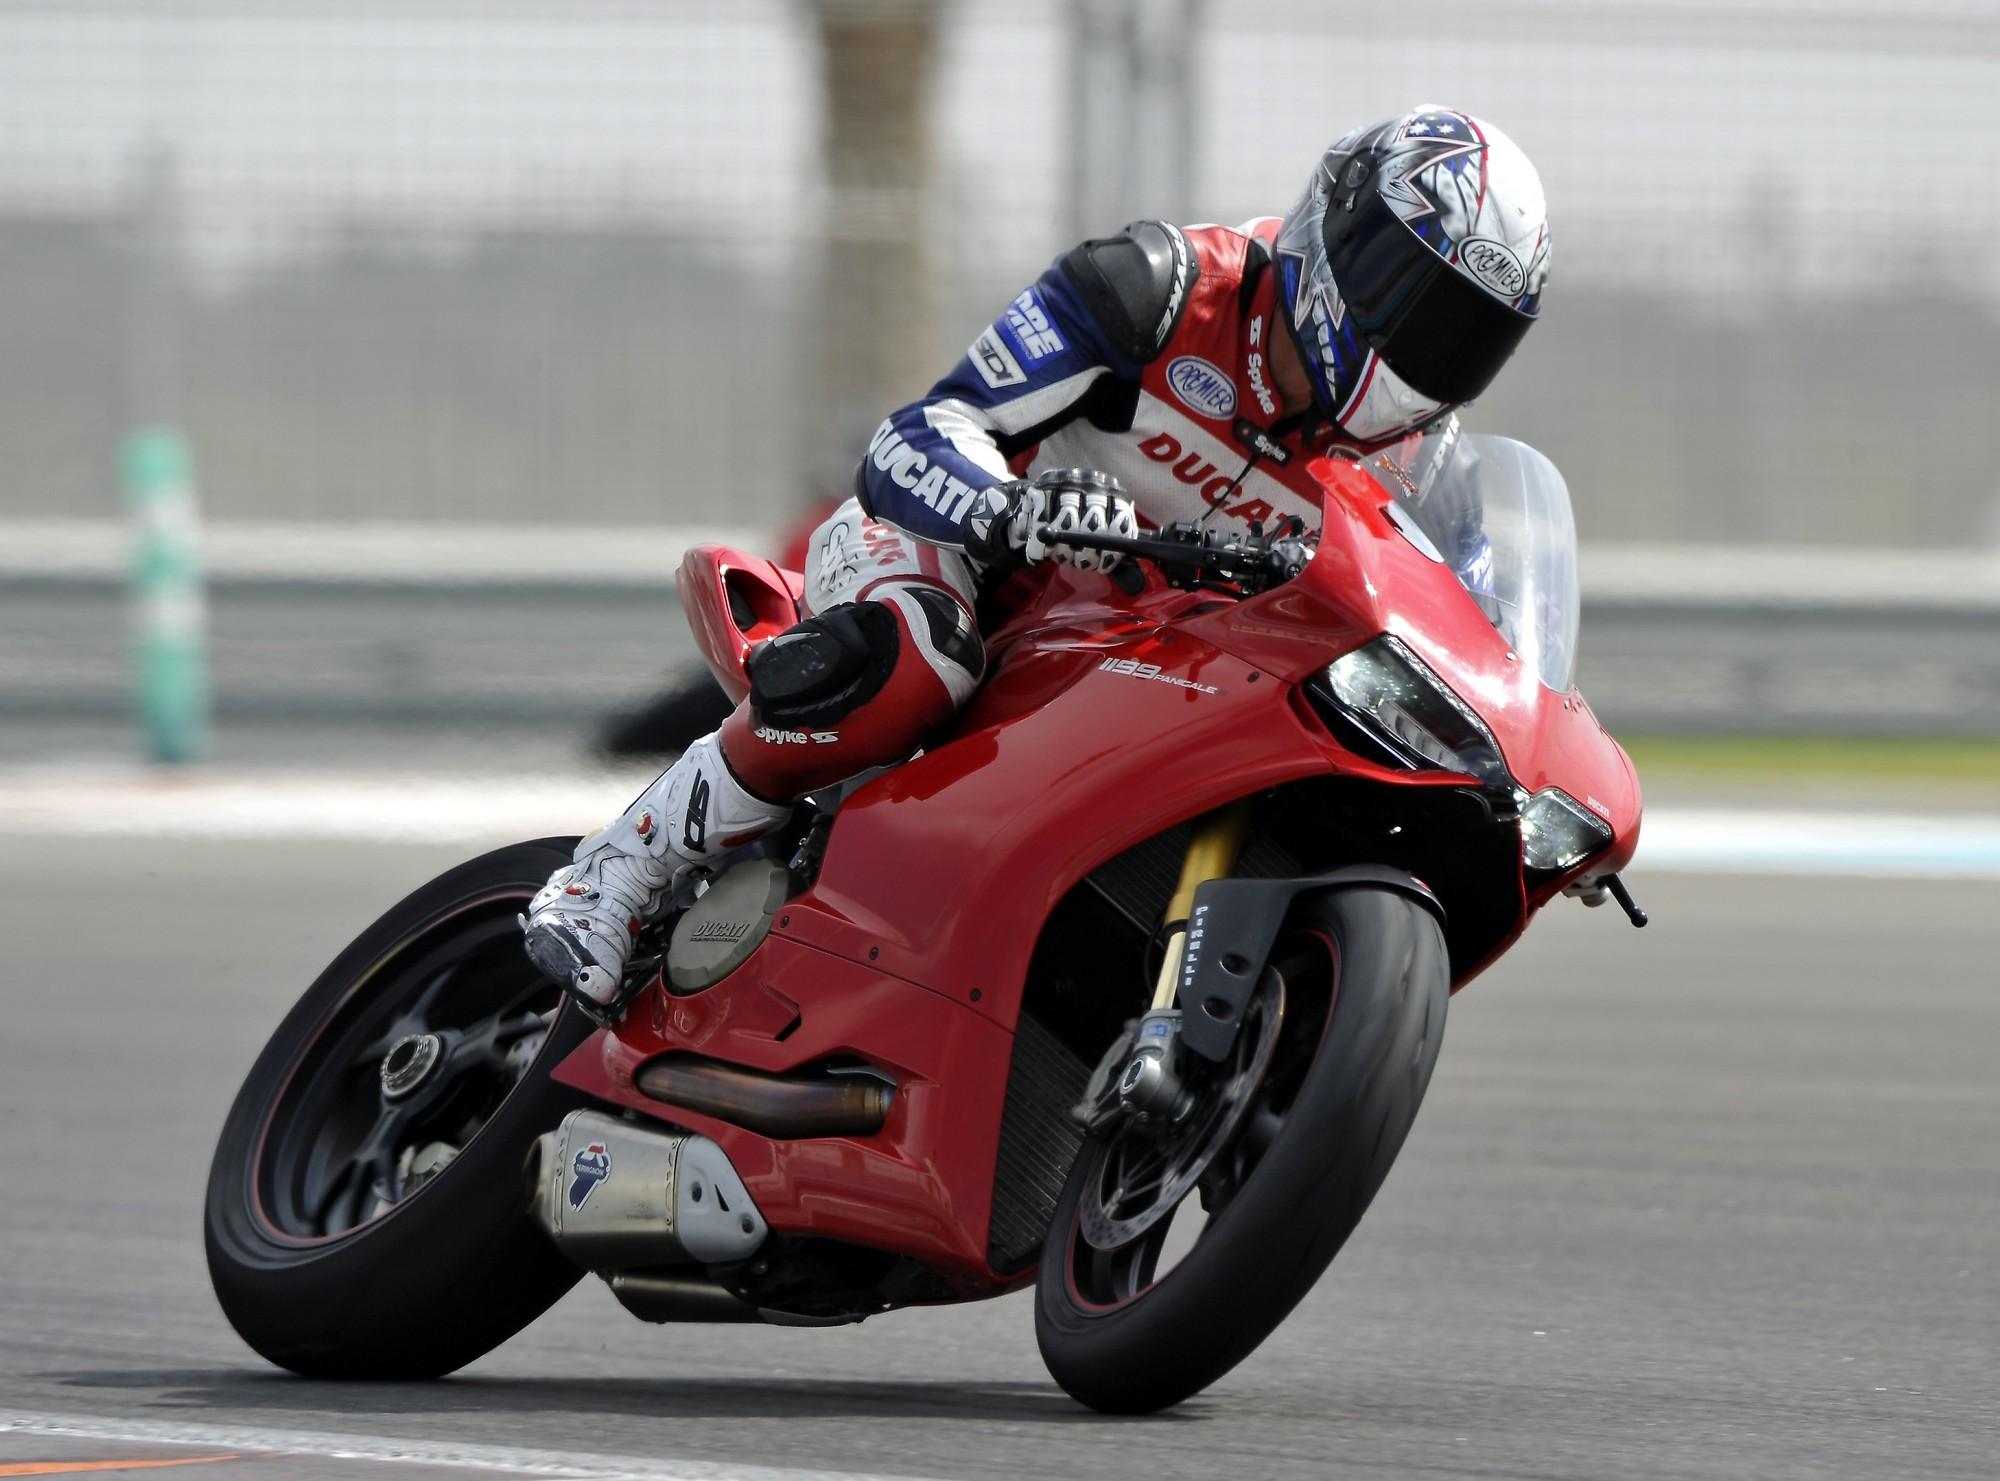 Dengiu_Troy_Bayliss_Accademy_2013_Ducati